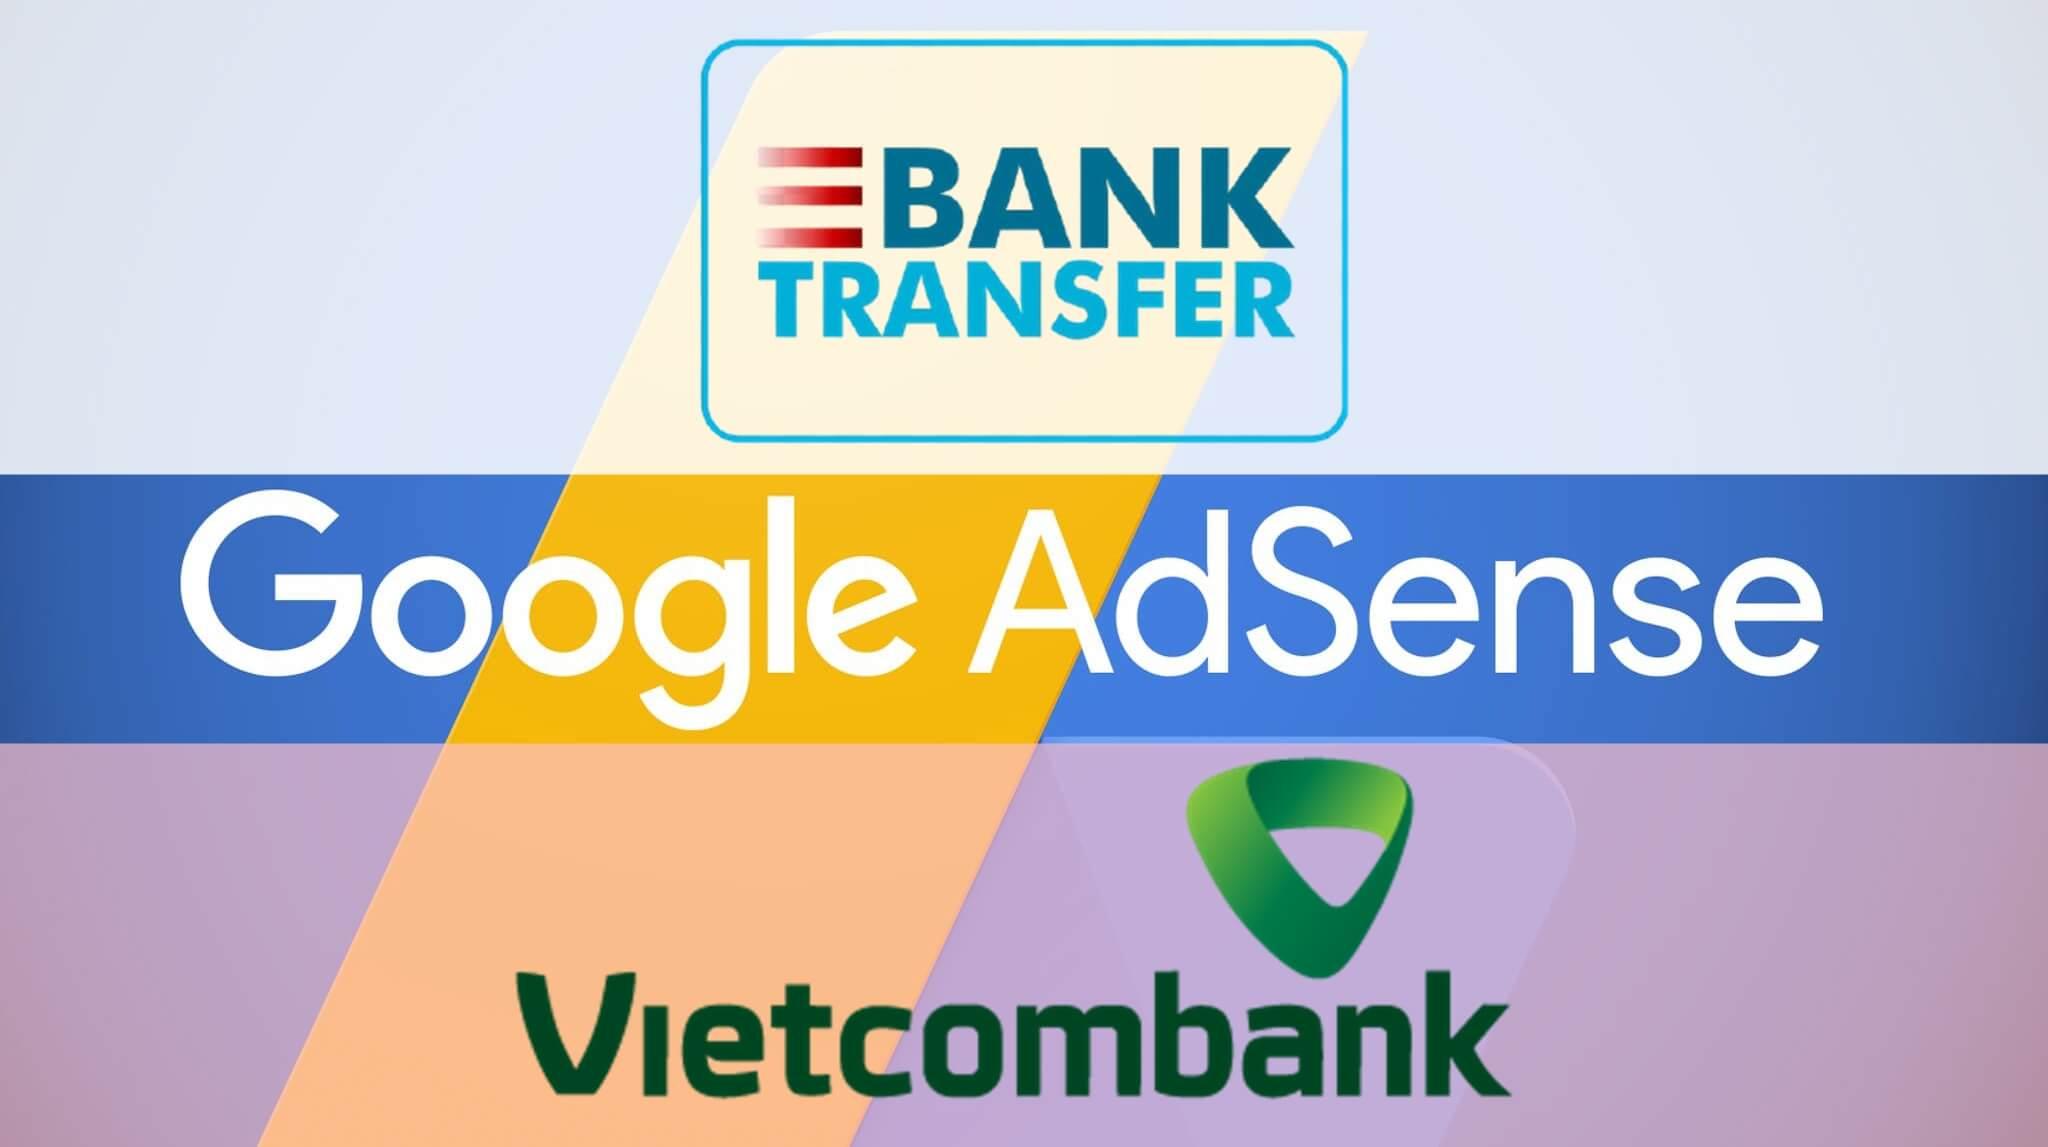 cách nhận tiền google adsense qua ngân hàng vietcombank